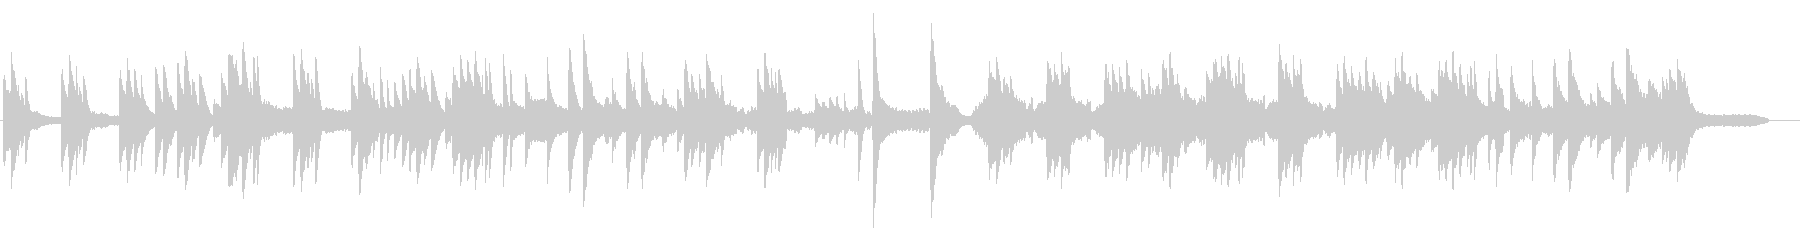 切なく儚いピアノBGM 感動シーンの未再生の波形